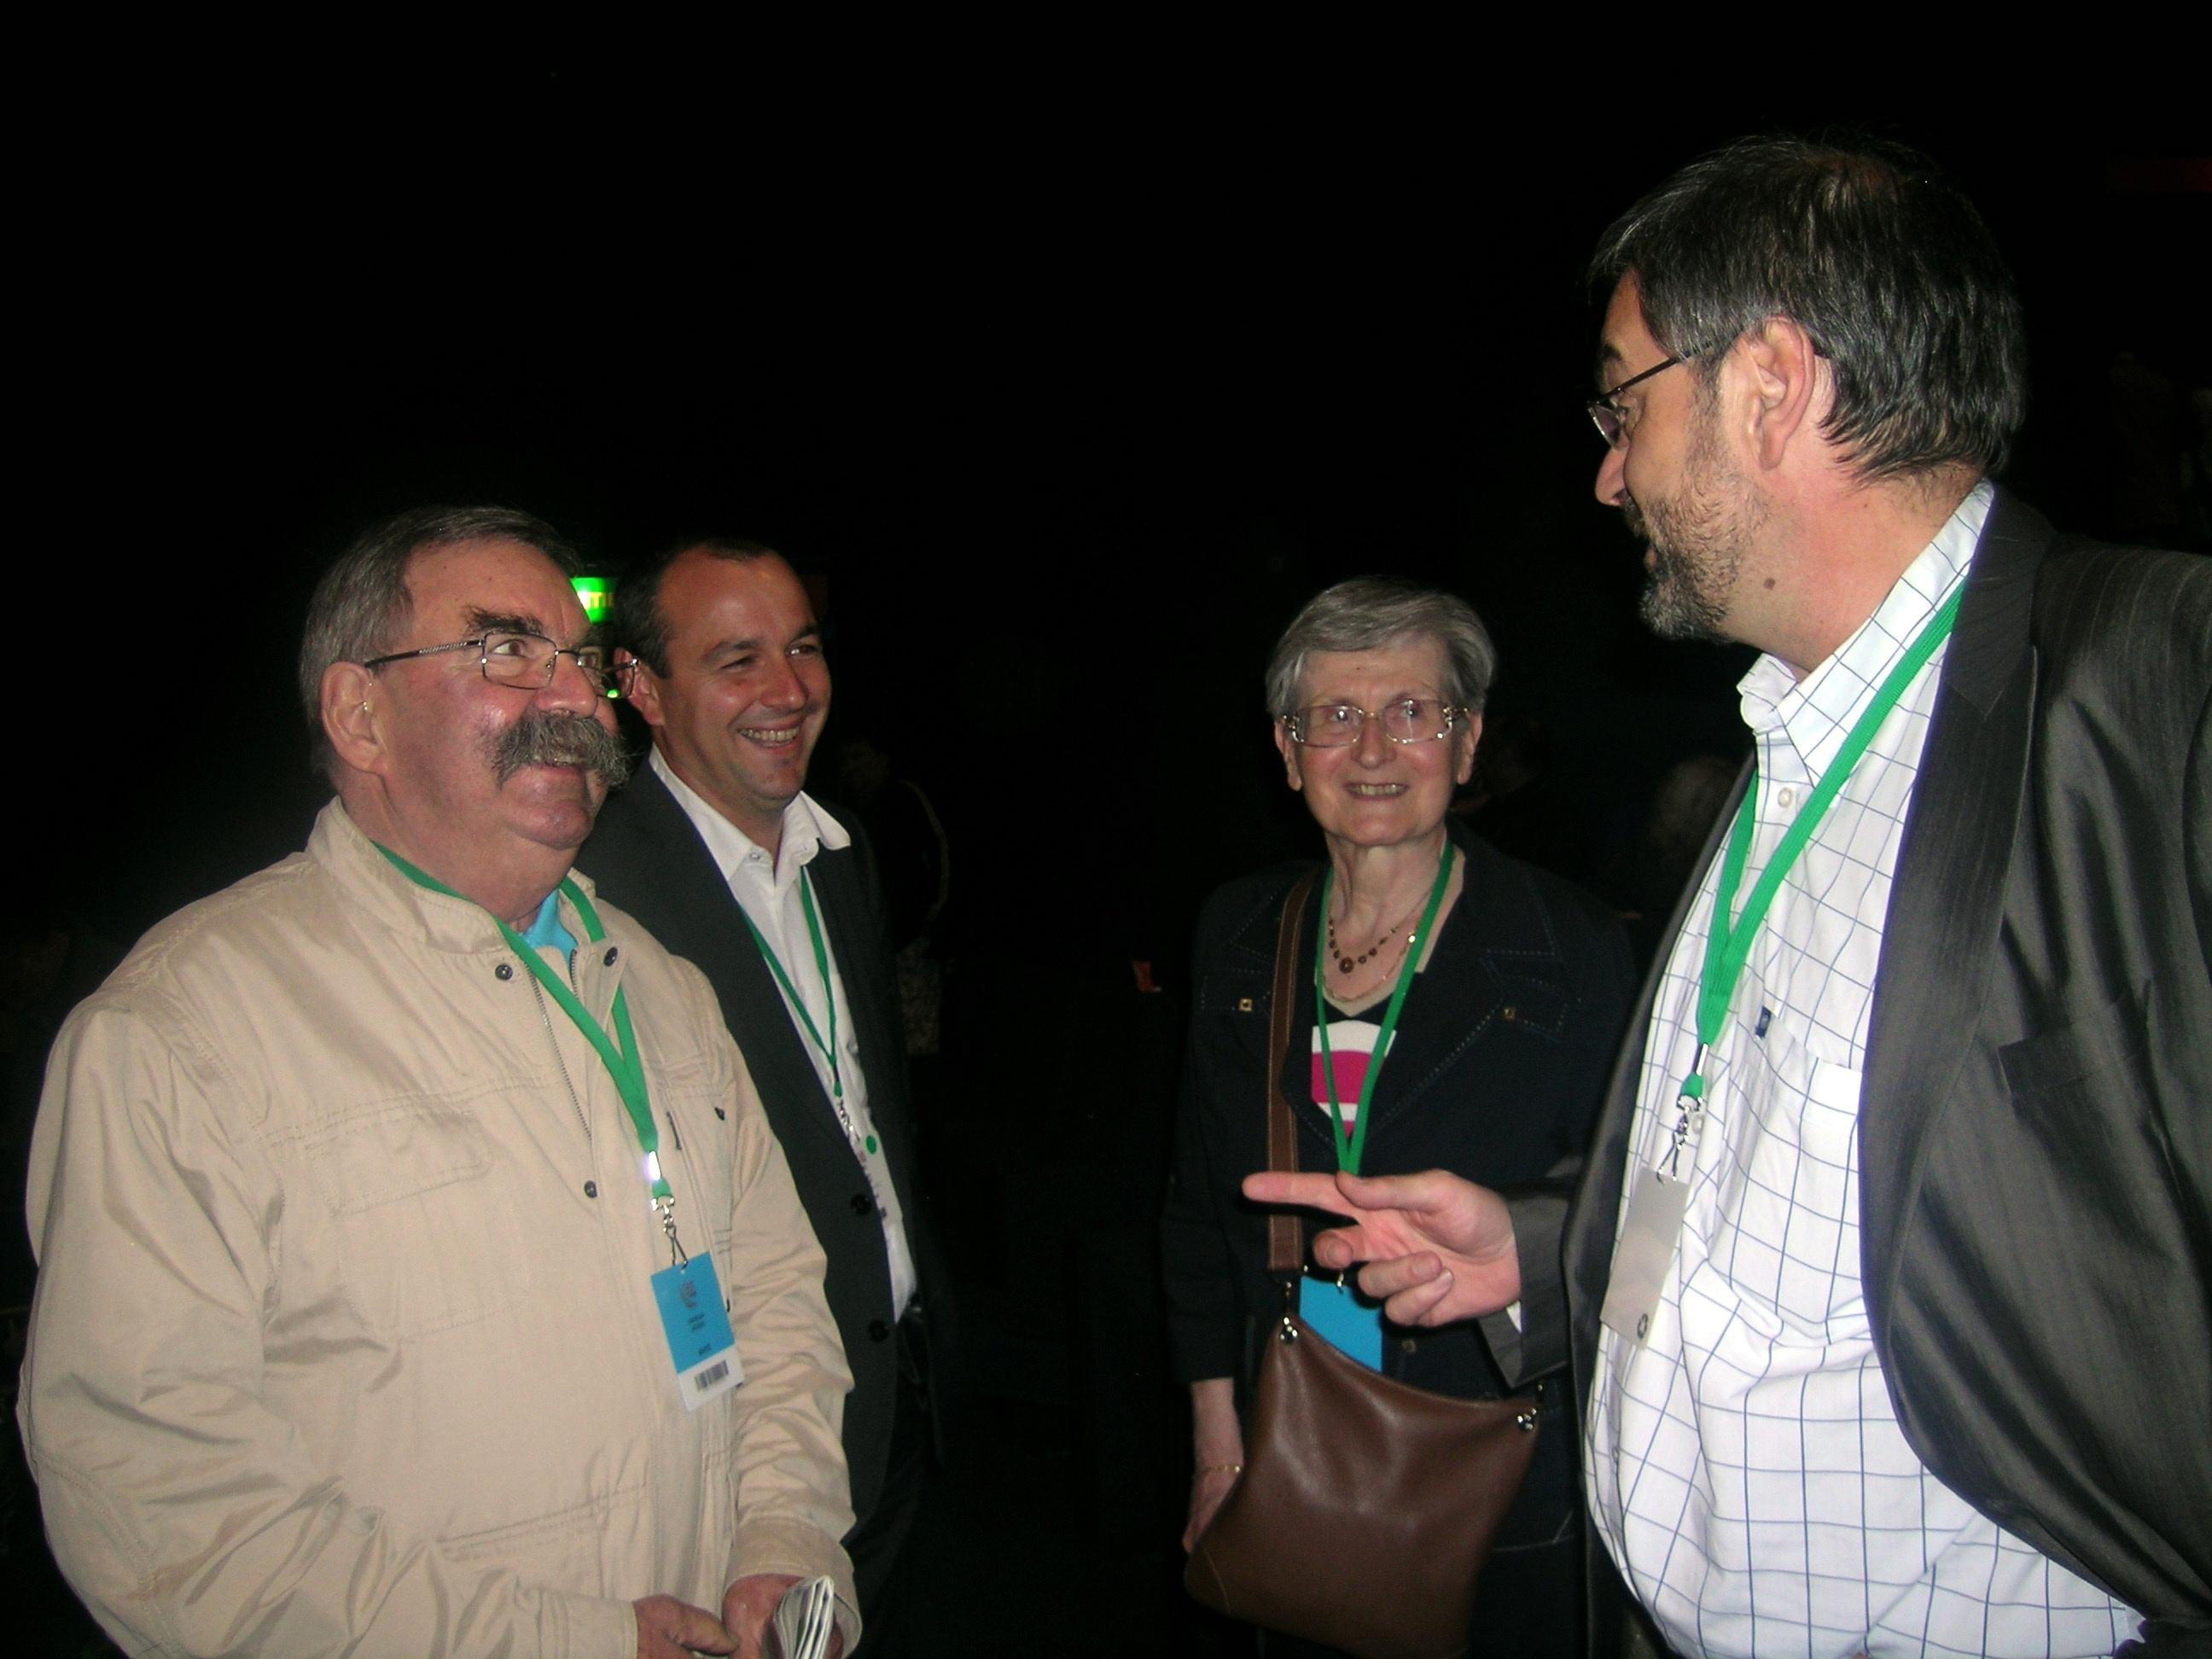 Laurent Berger, entouré de jacques Chérèque et de son épouse et de leur fils François, lors du congrès CFDT de tours en 2010. (Pierre Nouvelle)